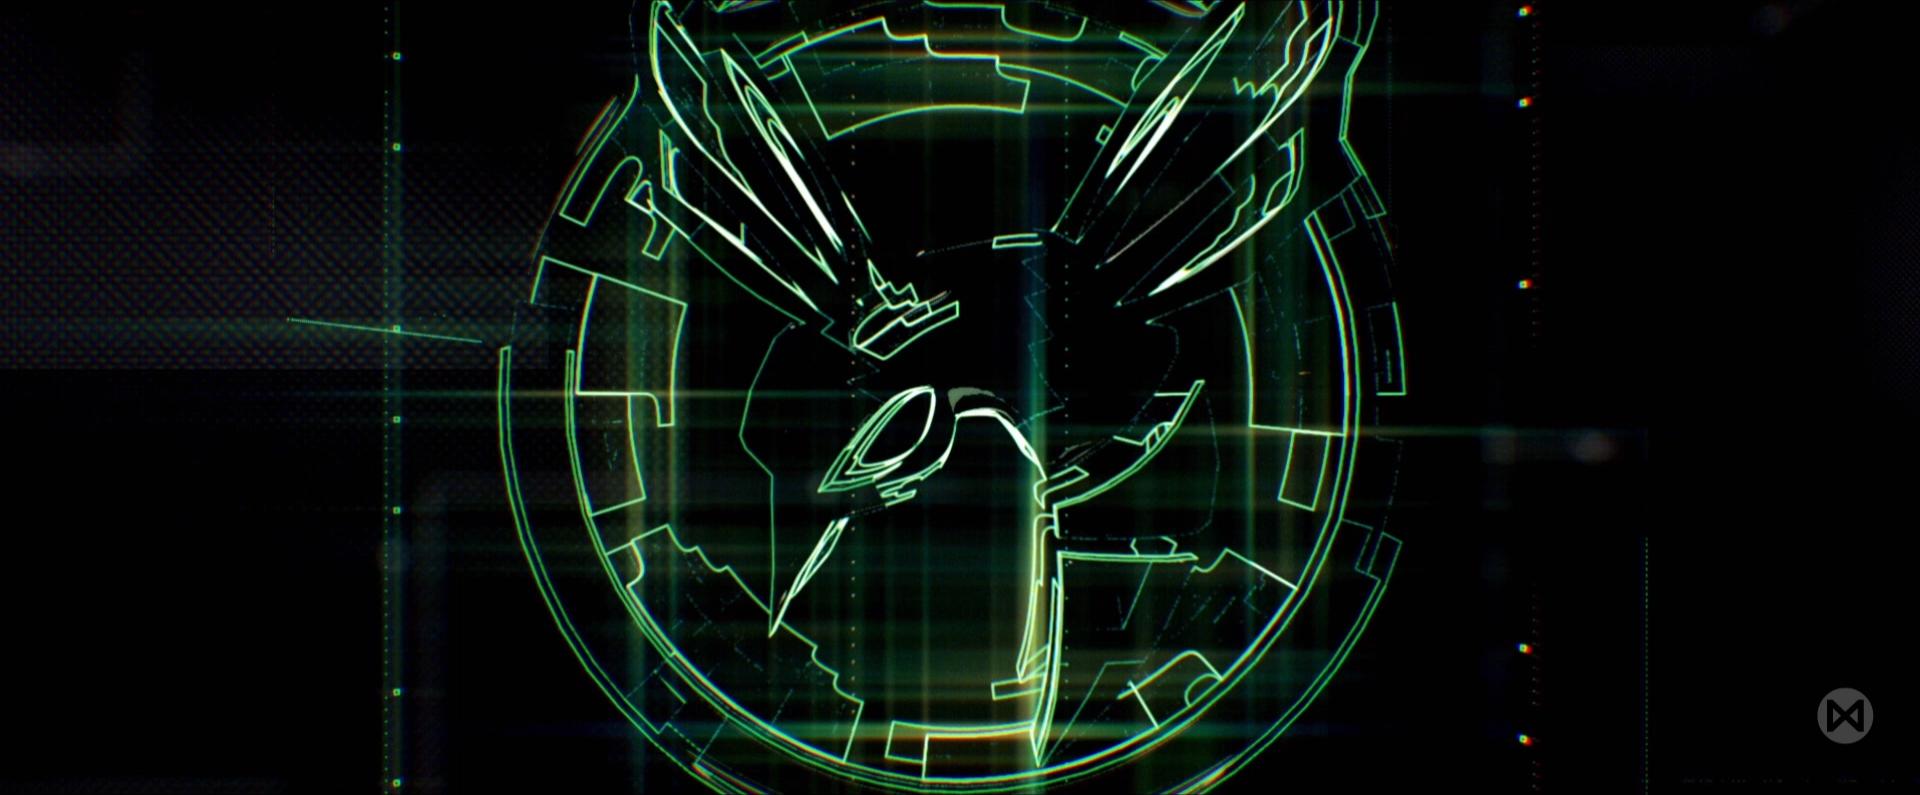 Zai-Ortiz_Green Hornet-2.jpg